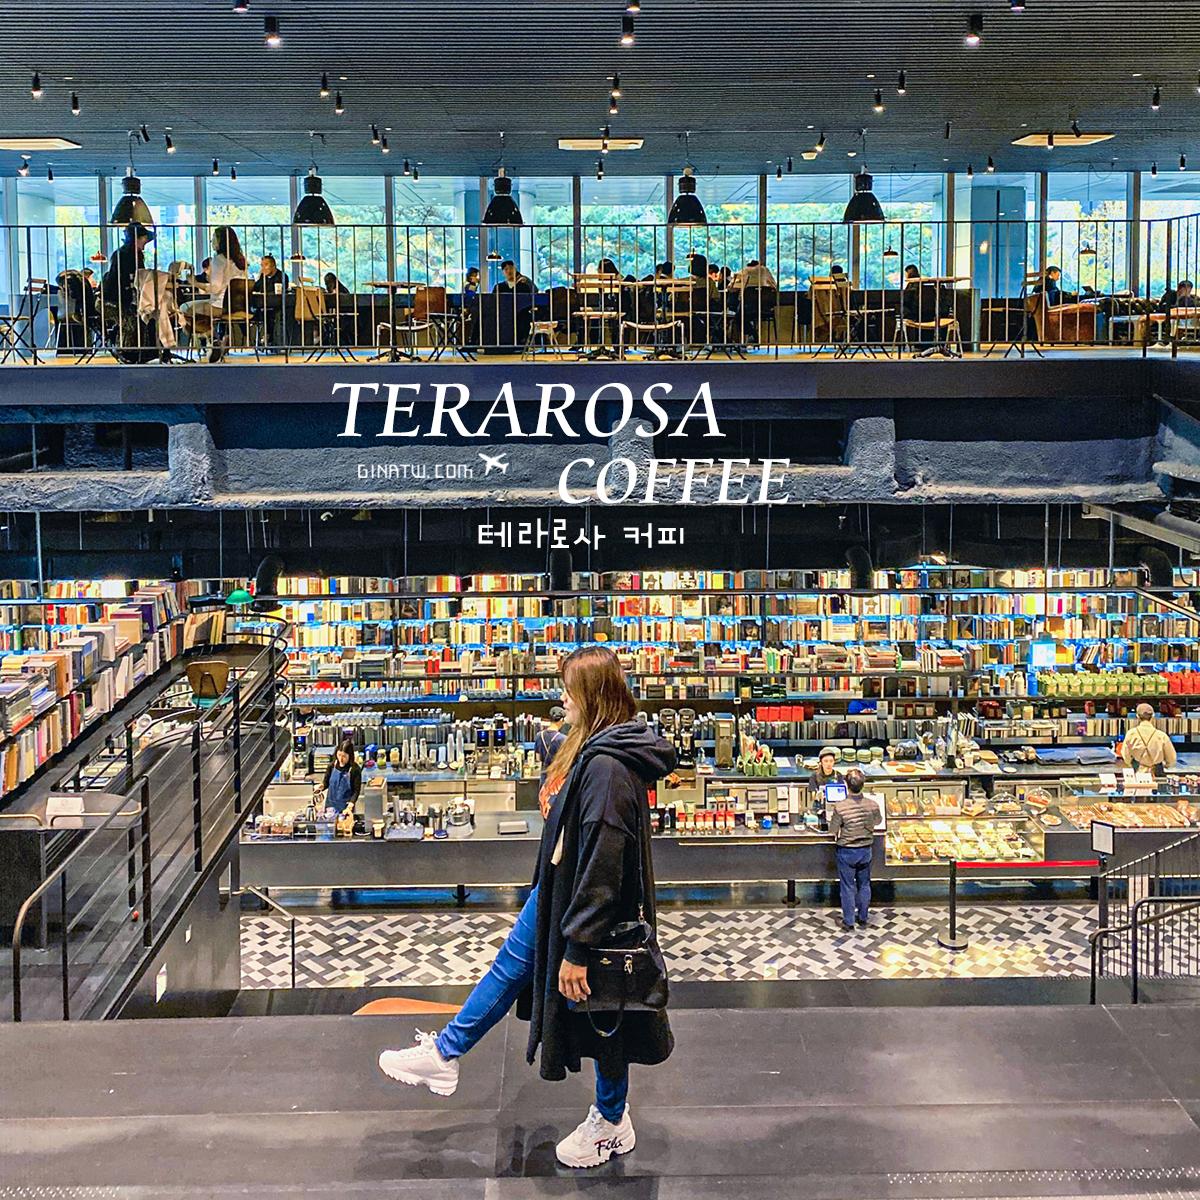 【江南下午茶】TERAROSA COFFEE|首爾書店咖啡廳|近三成、宣陵站|附菜單、地圖、地址、營業時間|韓劇壞男人、你能聽見我的心嗎拍攝景點 @GINA環球旅行生活